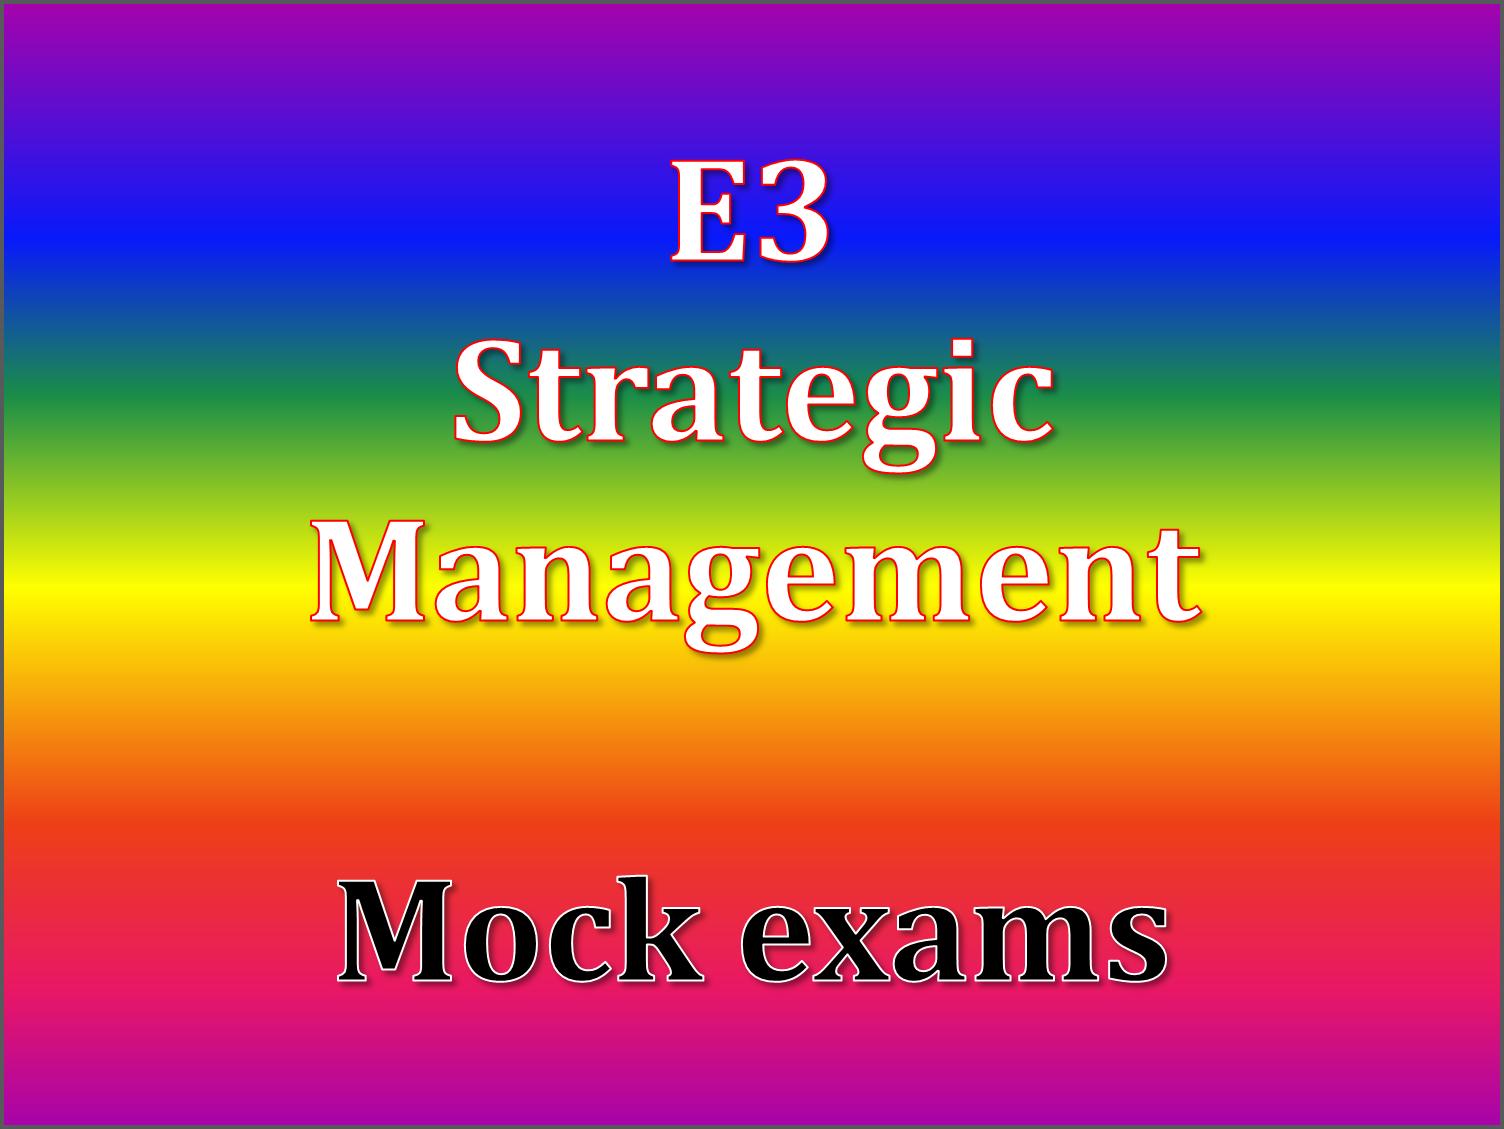 CIMA Mock Exams : E3 - STRATEGIC MANAGEMENT practice mock exams